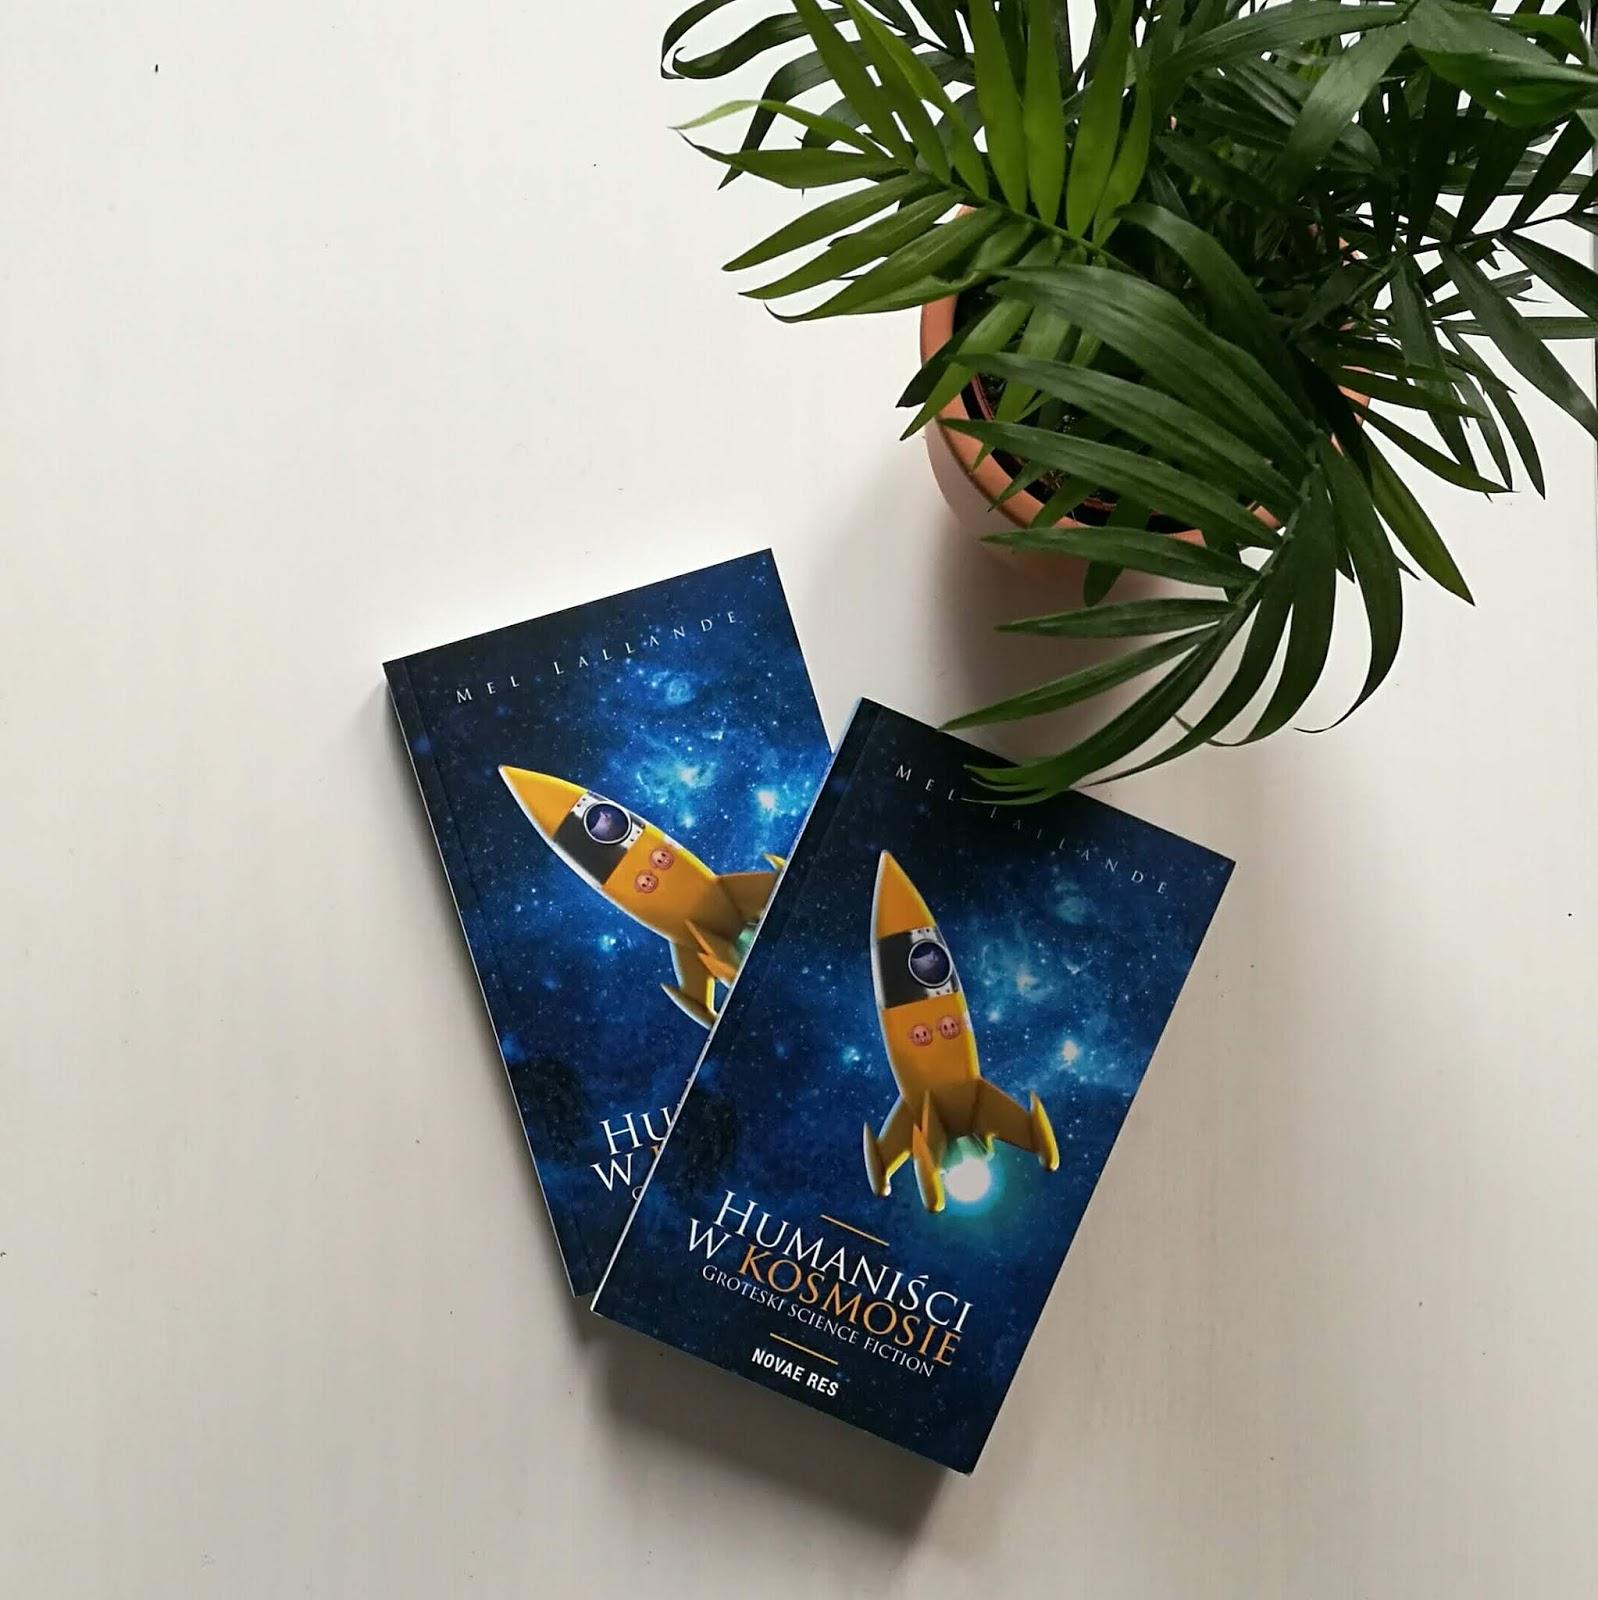 """Rozdanie: do zgarnięcia 2 egzemplarze książki """"Humaniści w kosmosie. Groteski science fiction"""""""